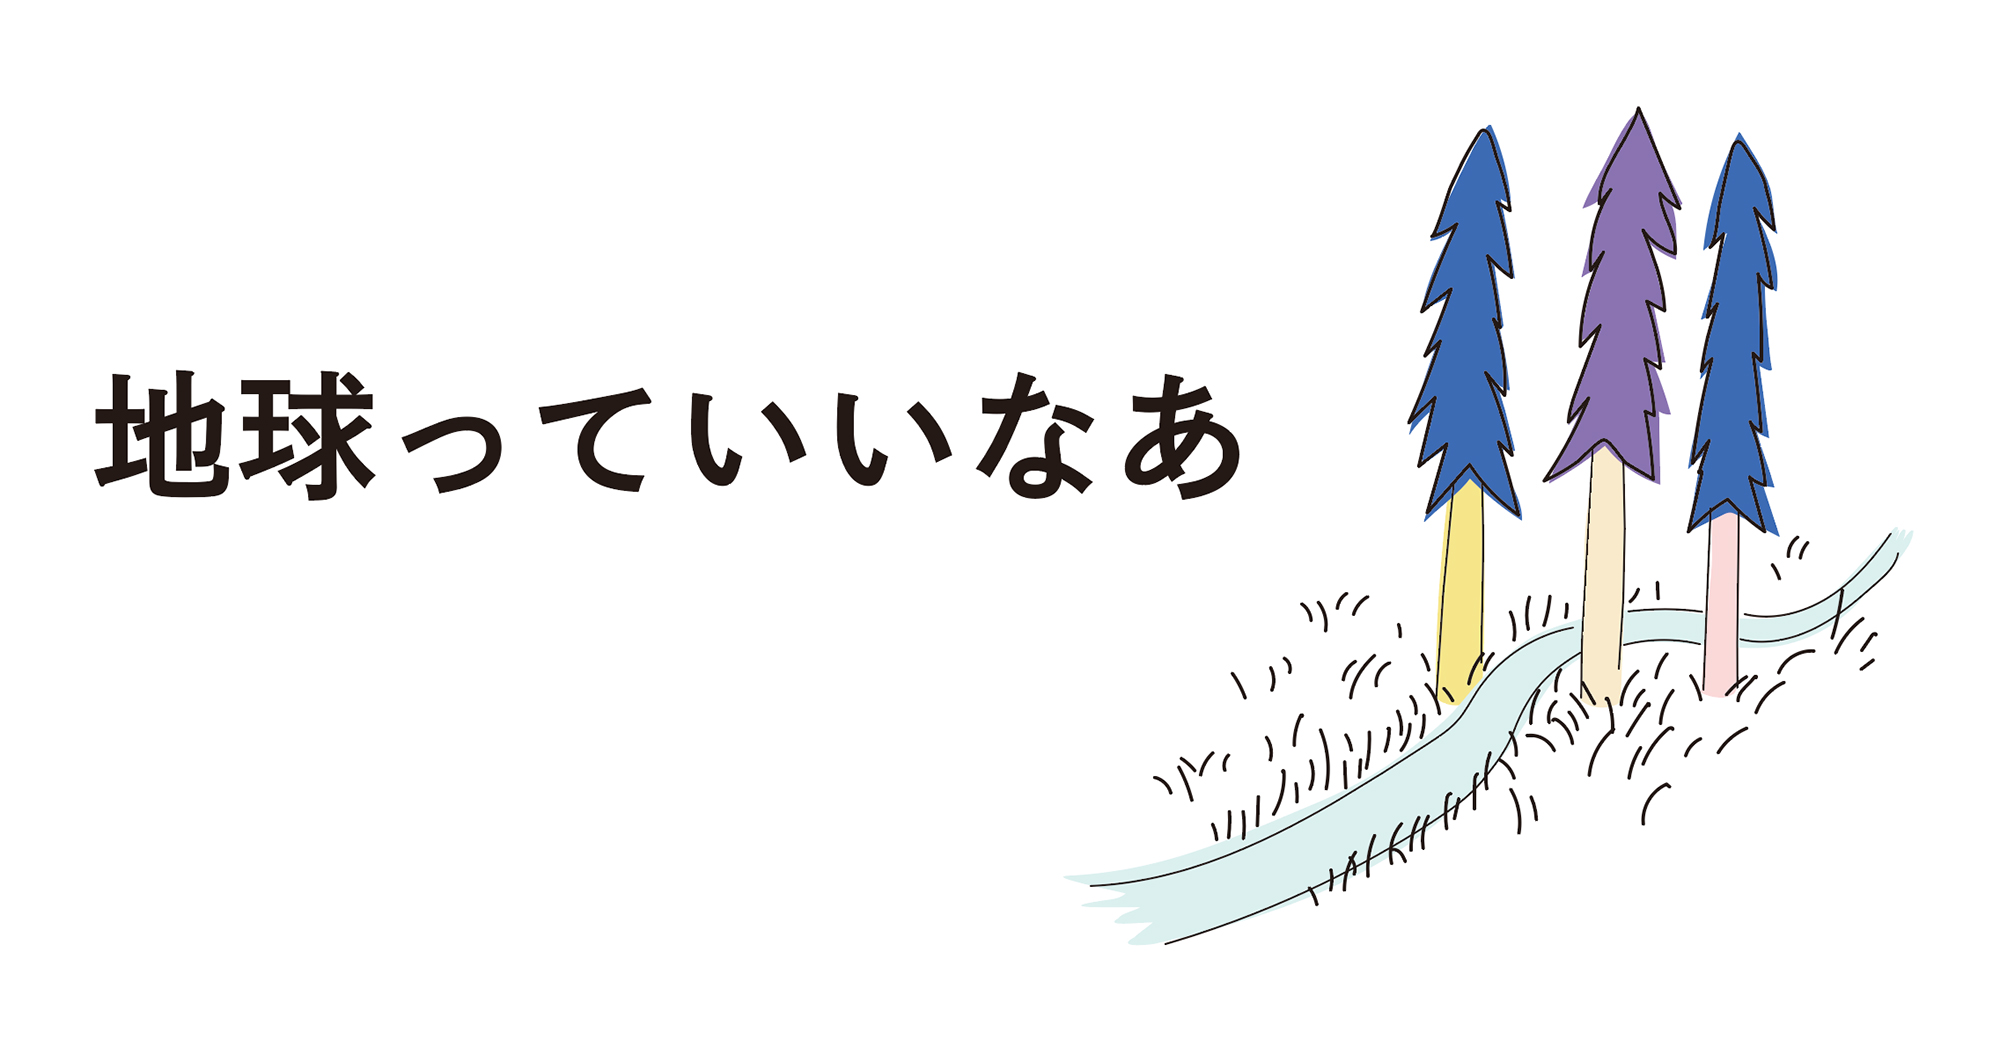 chikyu_banner